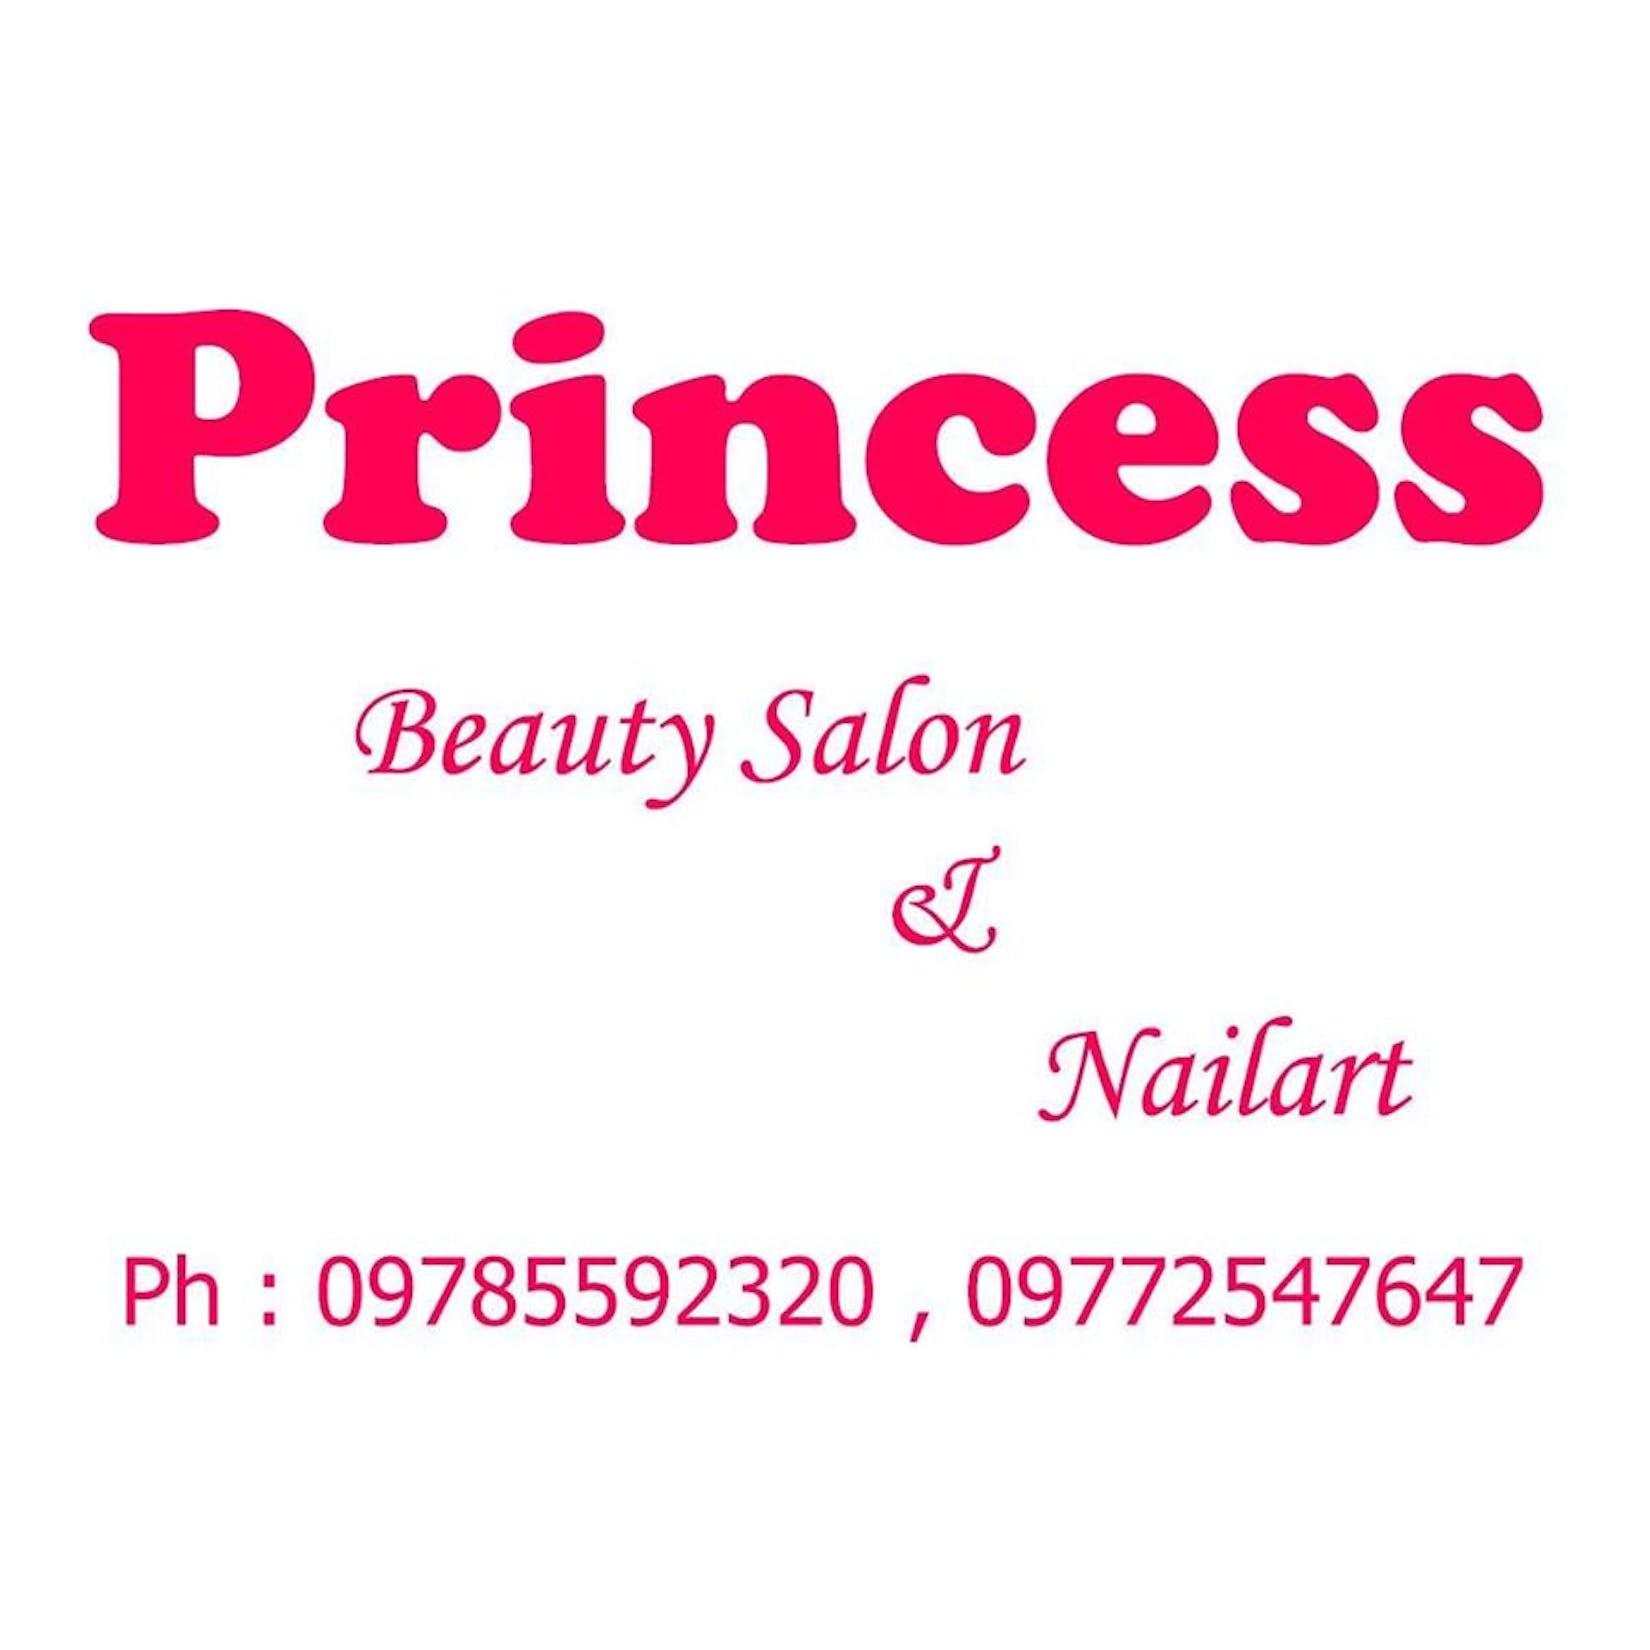 Princess Beauty Salon   Beauty